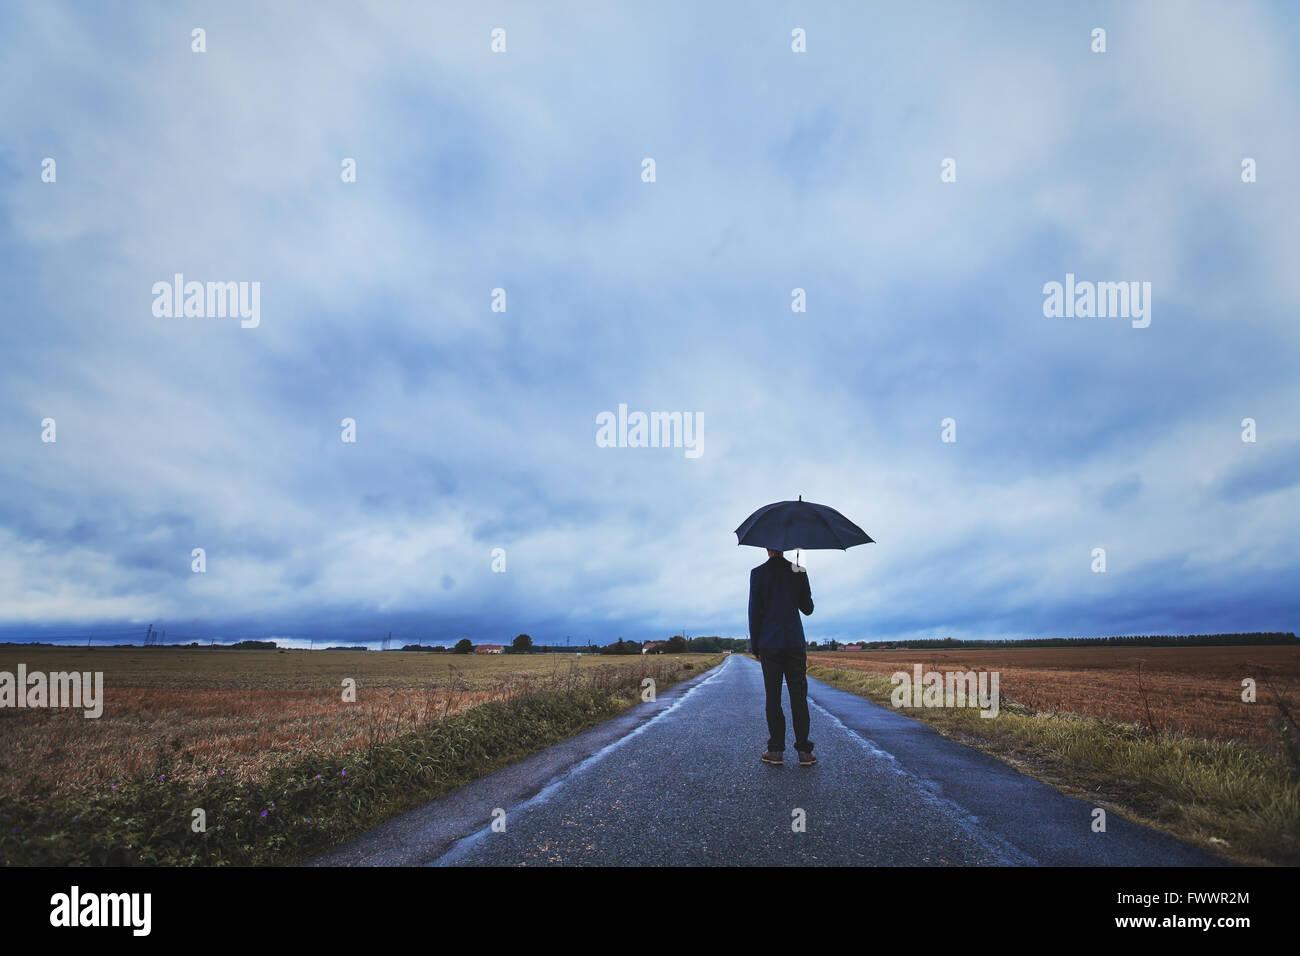 Concept de la psychologie, l'homme debout avec parasol sur la route, les peurs et la solitude Banque D'Images